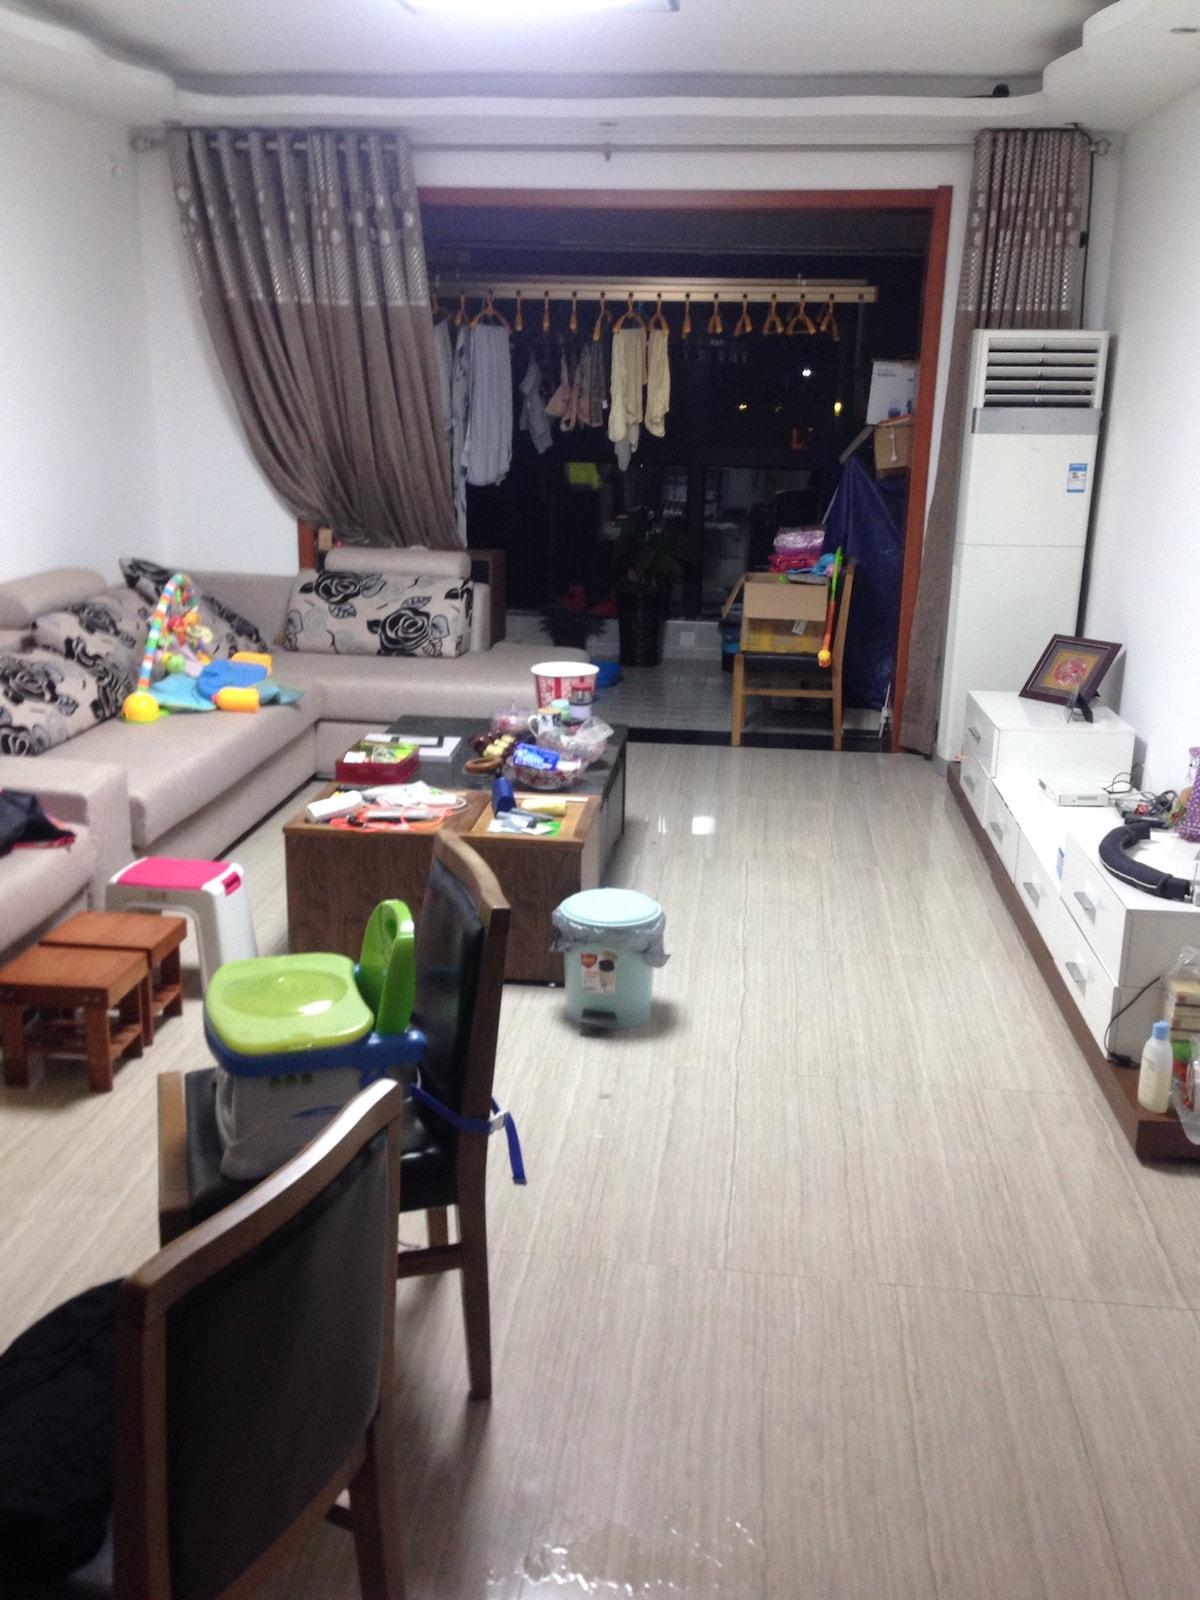 两个空房间和两只猫咪